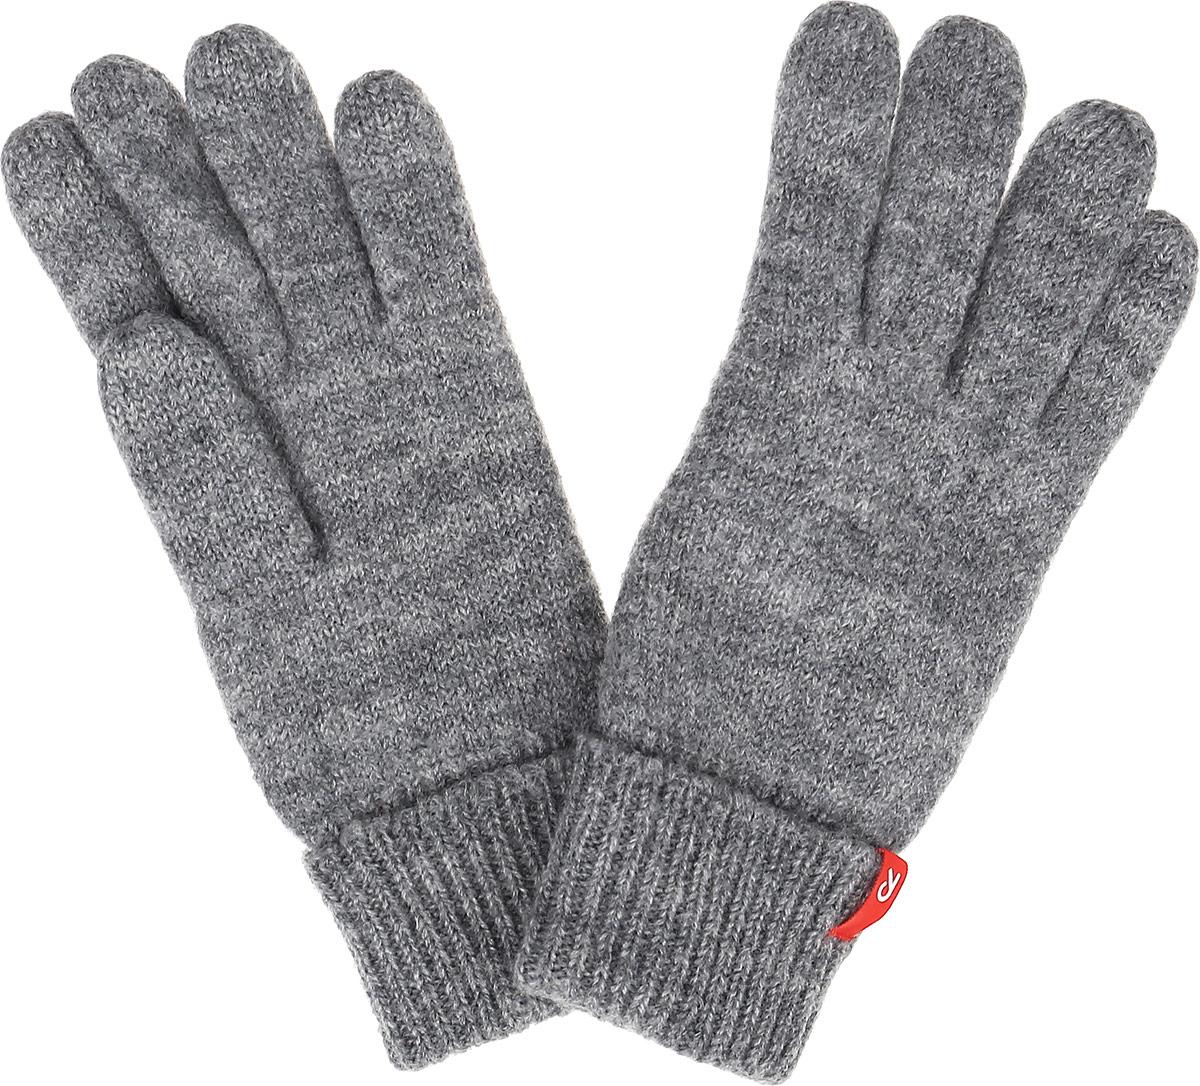 527235-4900Теплые шерстяные детские перчатки Reima Supi станут великолепным дополнением образа и защитят руки ребенка от холода и ветра во время прогулок. Перчатки выполнены из 100% шерсти, которая надежно сохраняет тепло и обеспечивает удобство и комфорт при носке. Шерстяные перчатки согревают ручки и стильно смотрятся! Эта модная облегченная модель без подкладки идеально подходит для холодных осенних дней. Дышащие шерстяные перчатки превосходно регулируют температуру, а интересная структурная вязка создает яркий образ! Такие перчатки будут оригинальным завершающим штрихом в создании современного модного образа, также станут незаменимым и практичным аксессуаром в детском гардеробе.